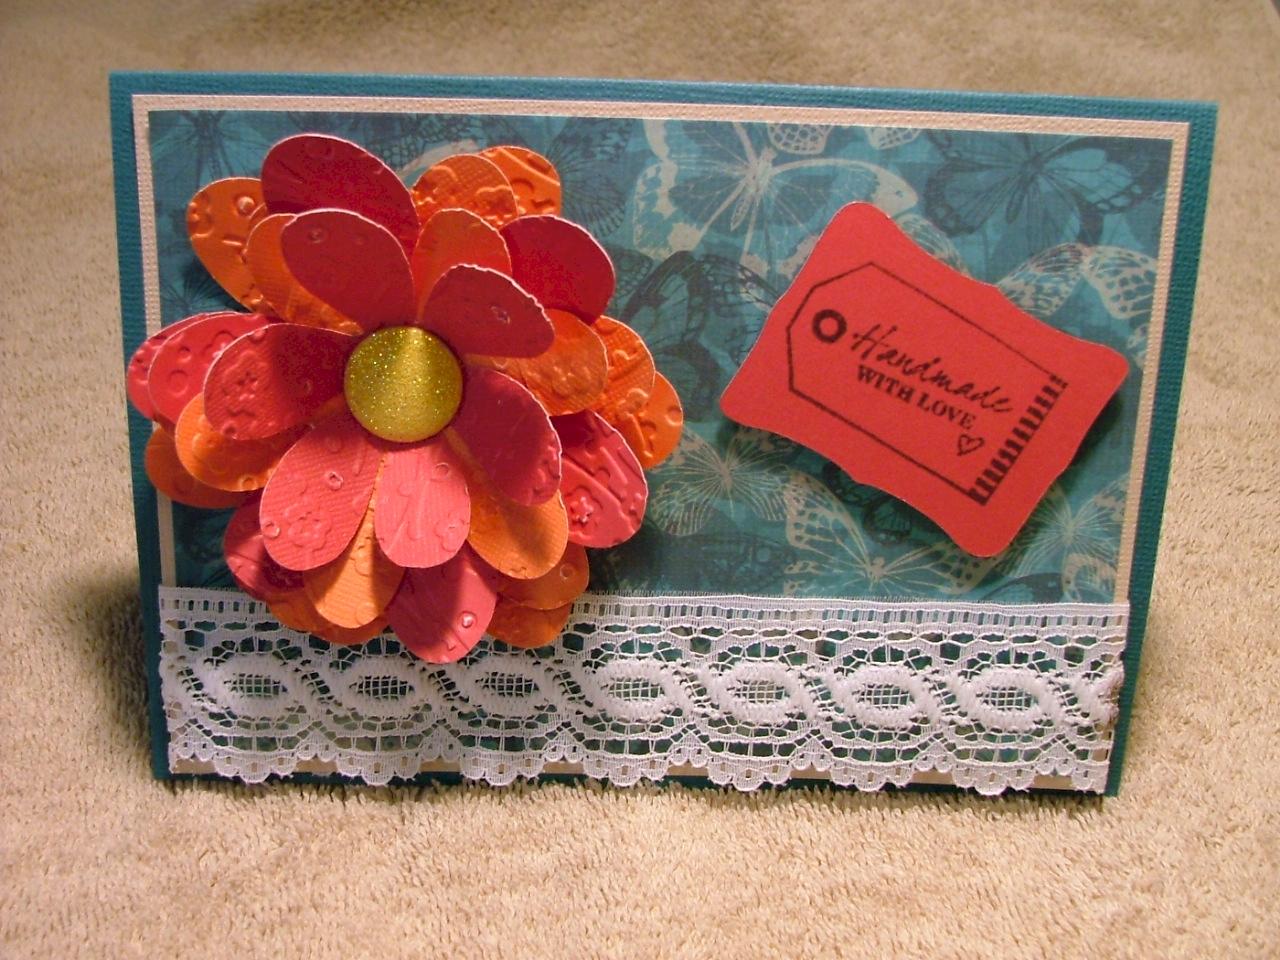 Thiệp handmade mùng tám tháng gia màu trầm nhưng vẫn tươi vui